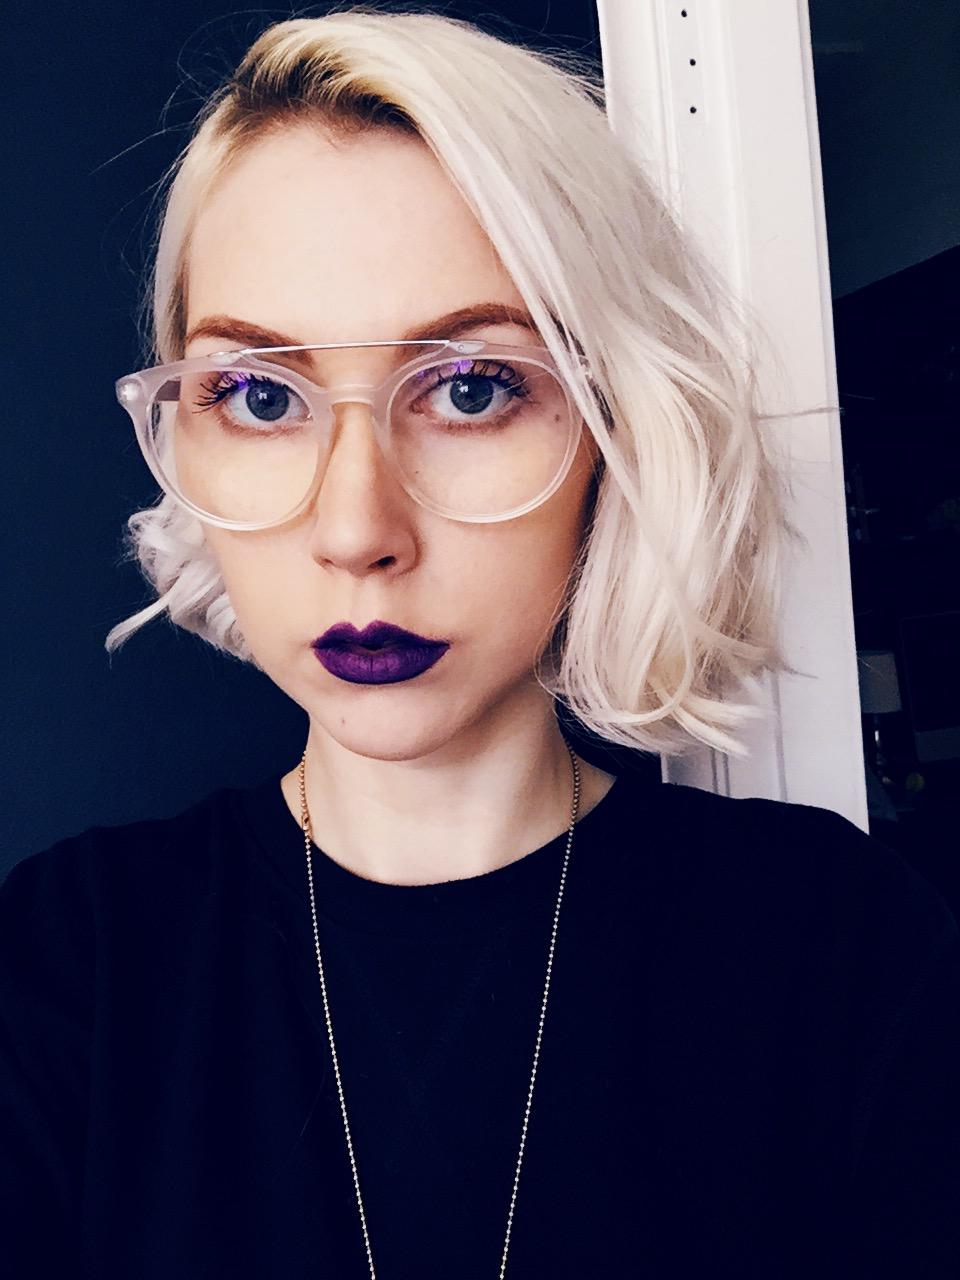 Women's Hipster Glasses